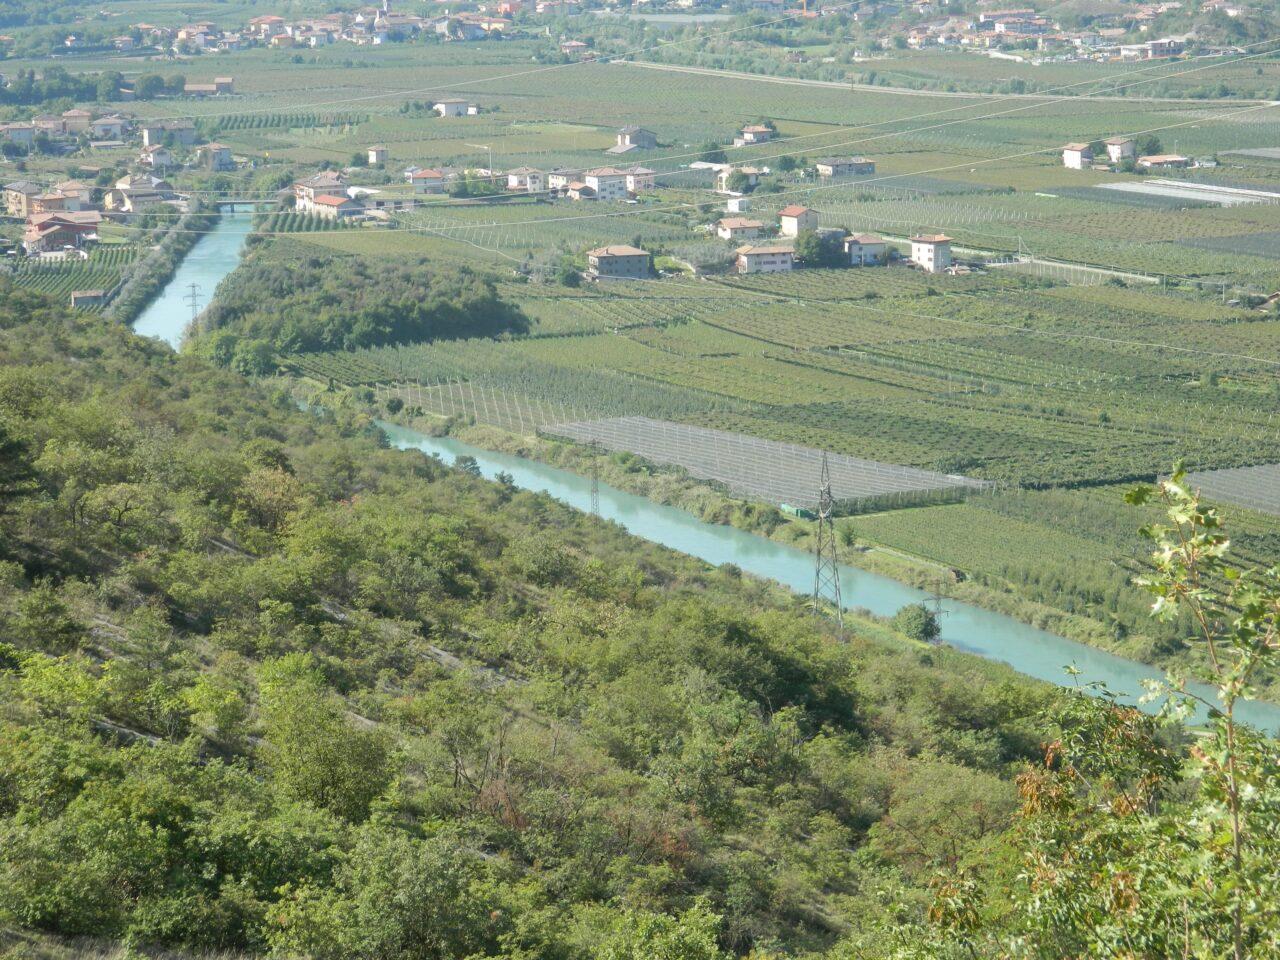 piana-agricola-da-Ponte-Oliveti-a-Pergolese-1280x960.jpg